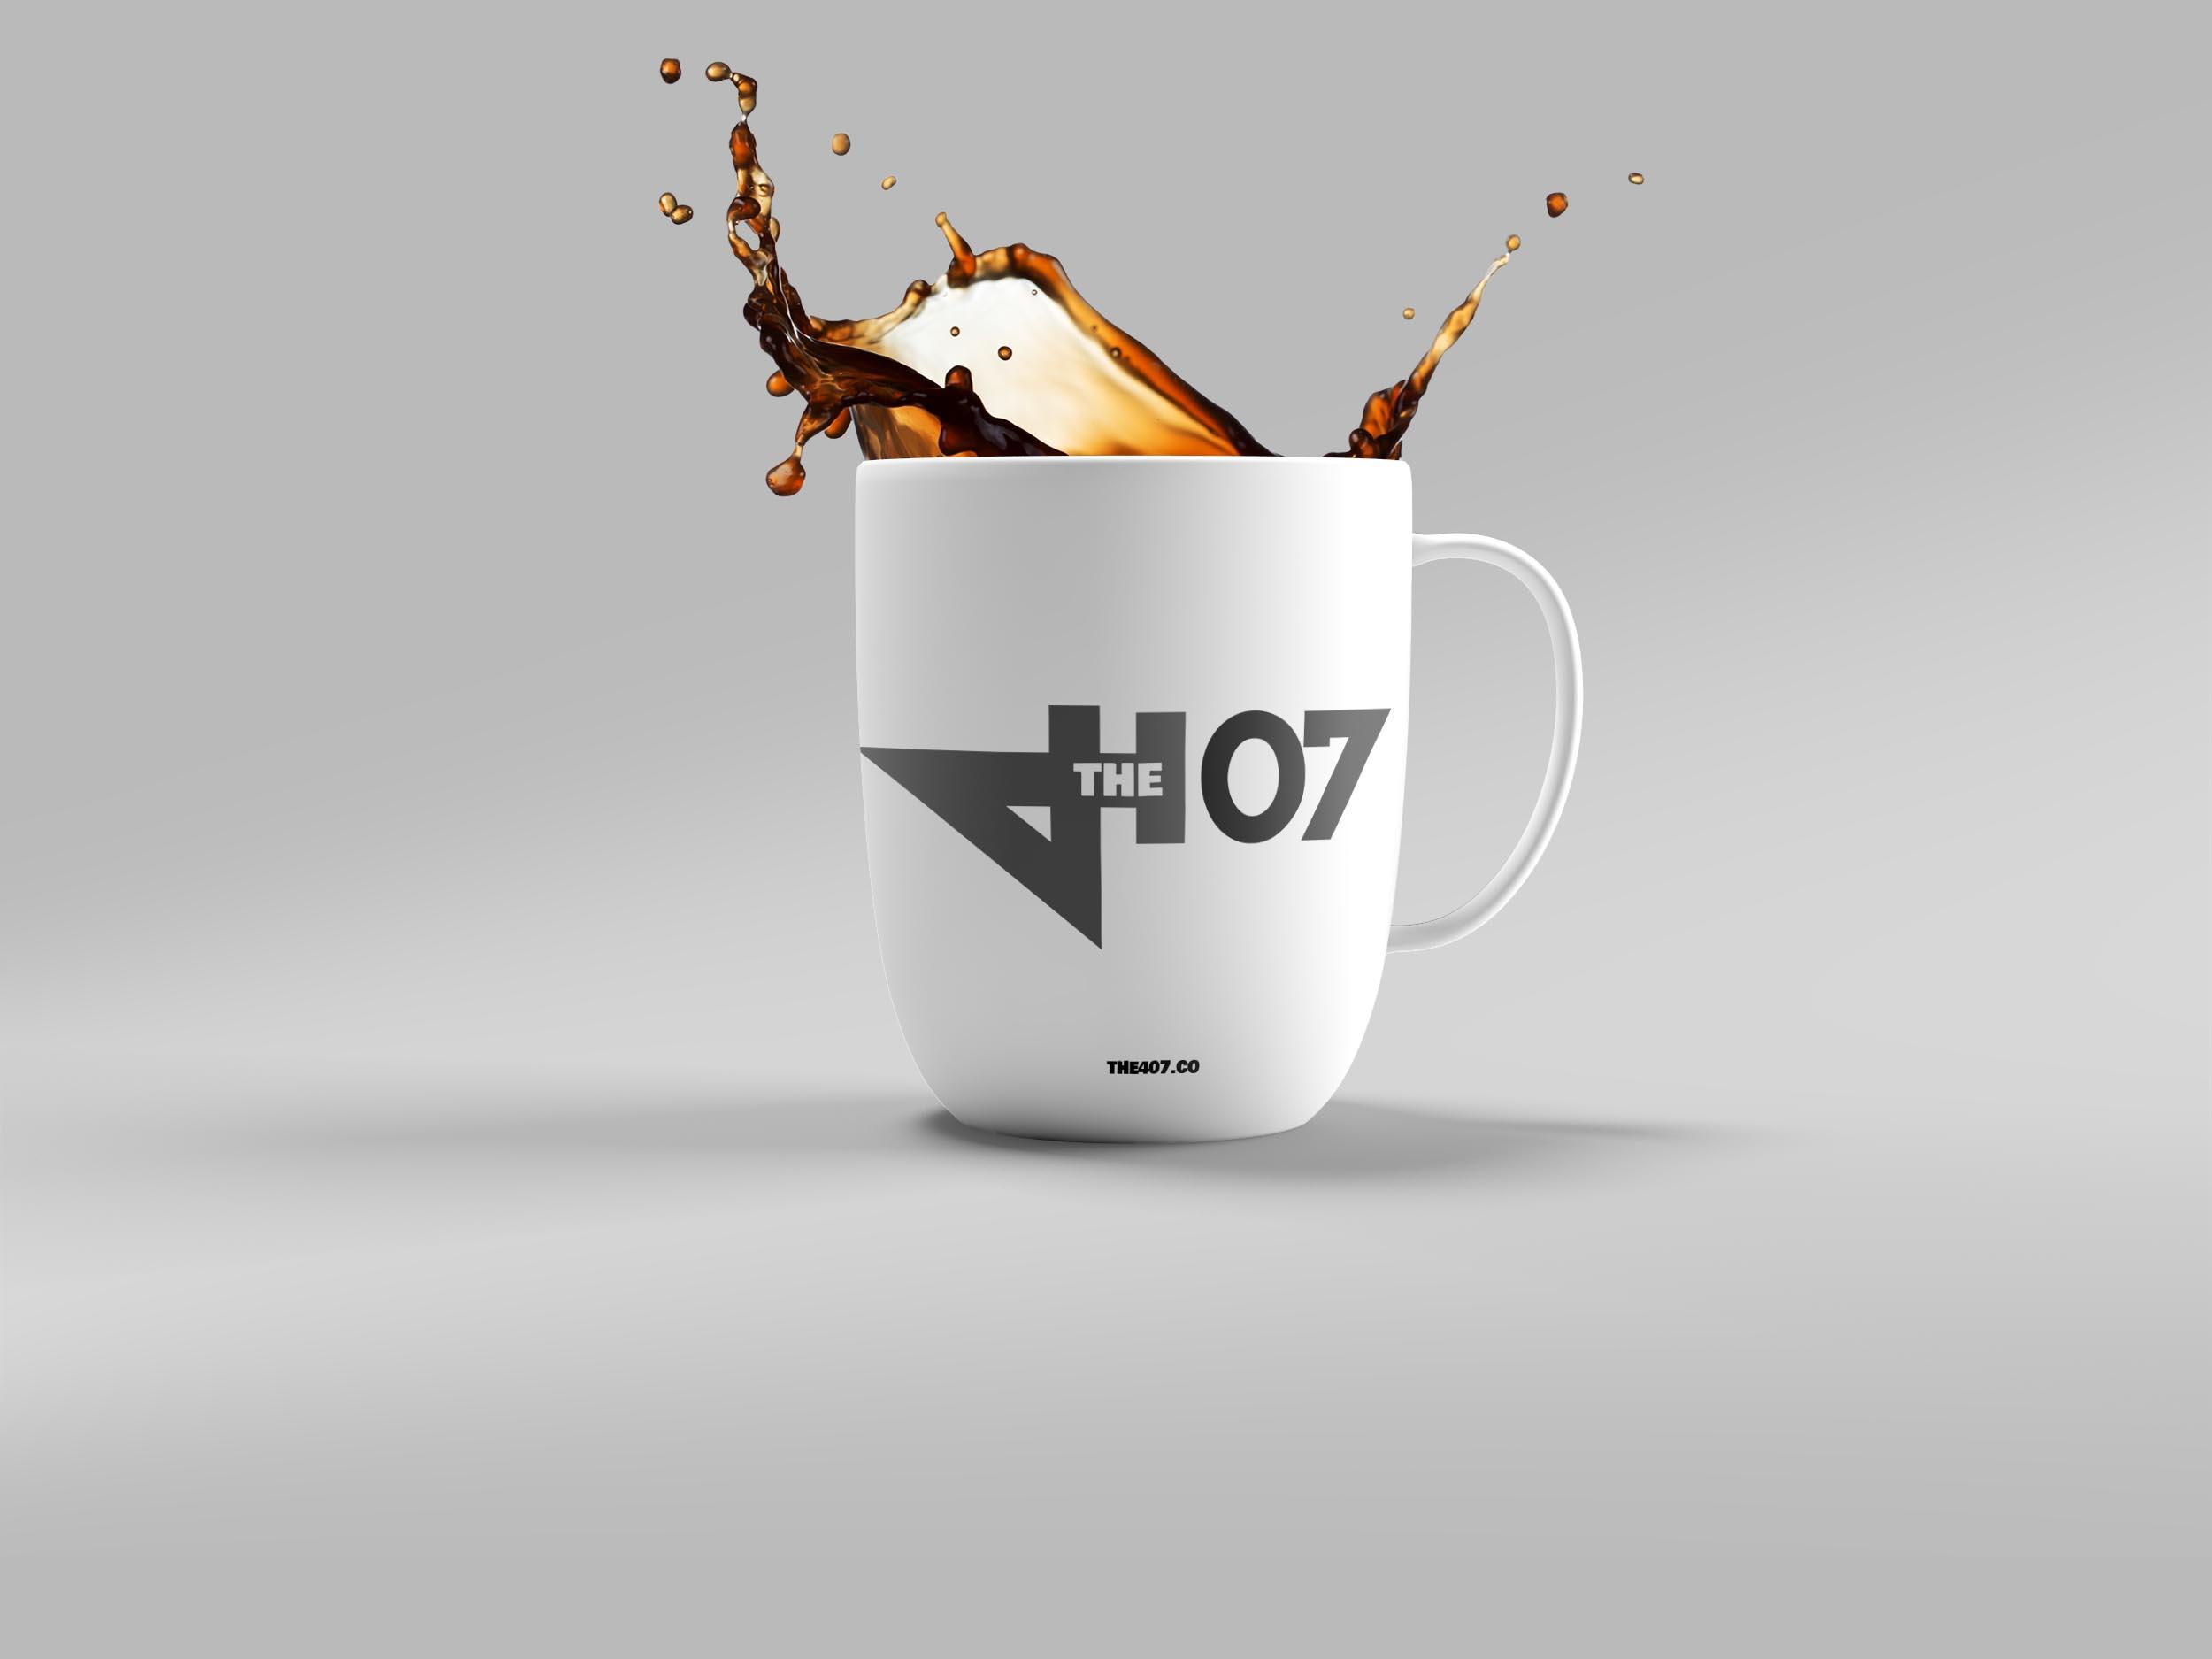 Mug Mockup.jpg